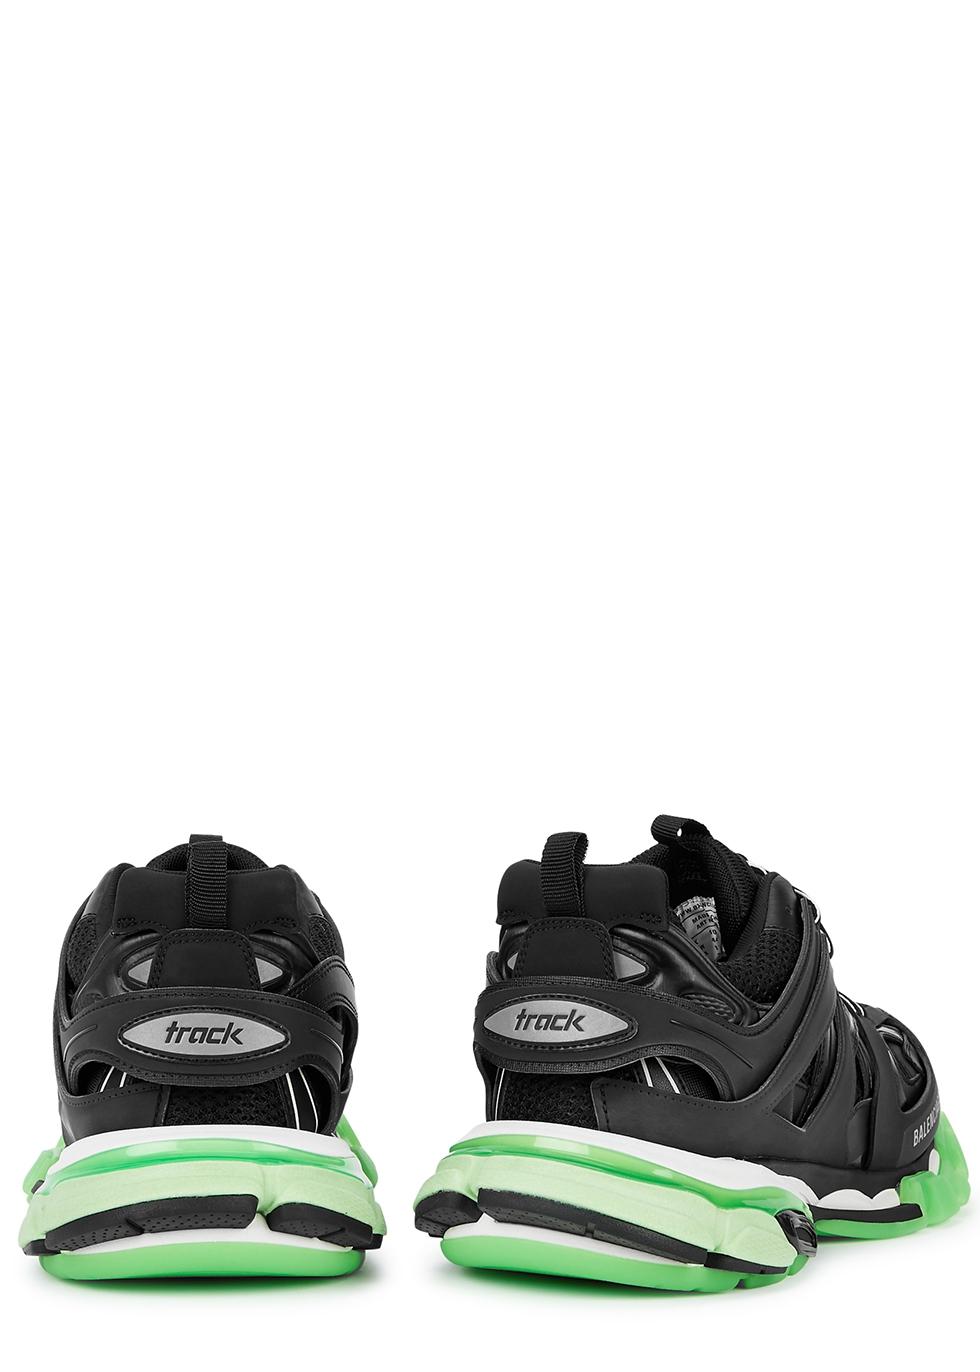 Balenciaga Track 2 Black Green StockX